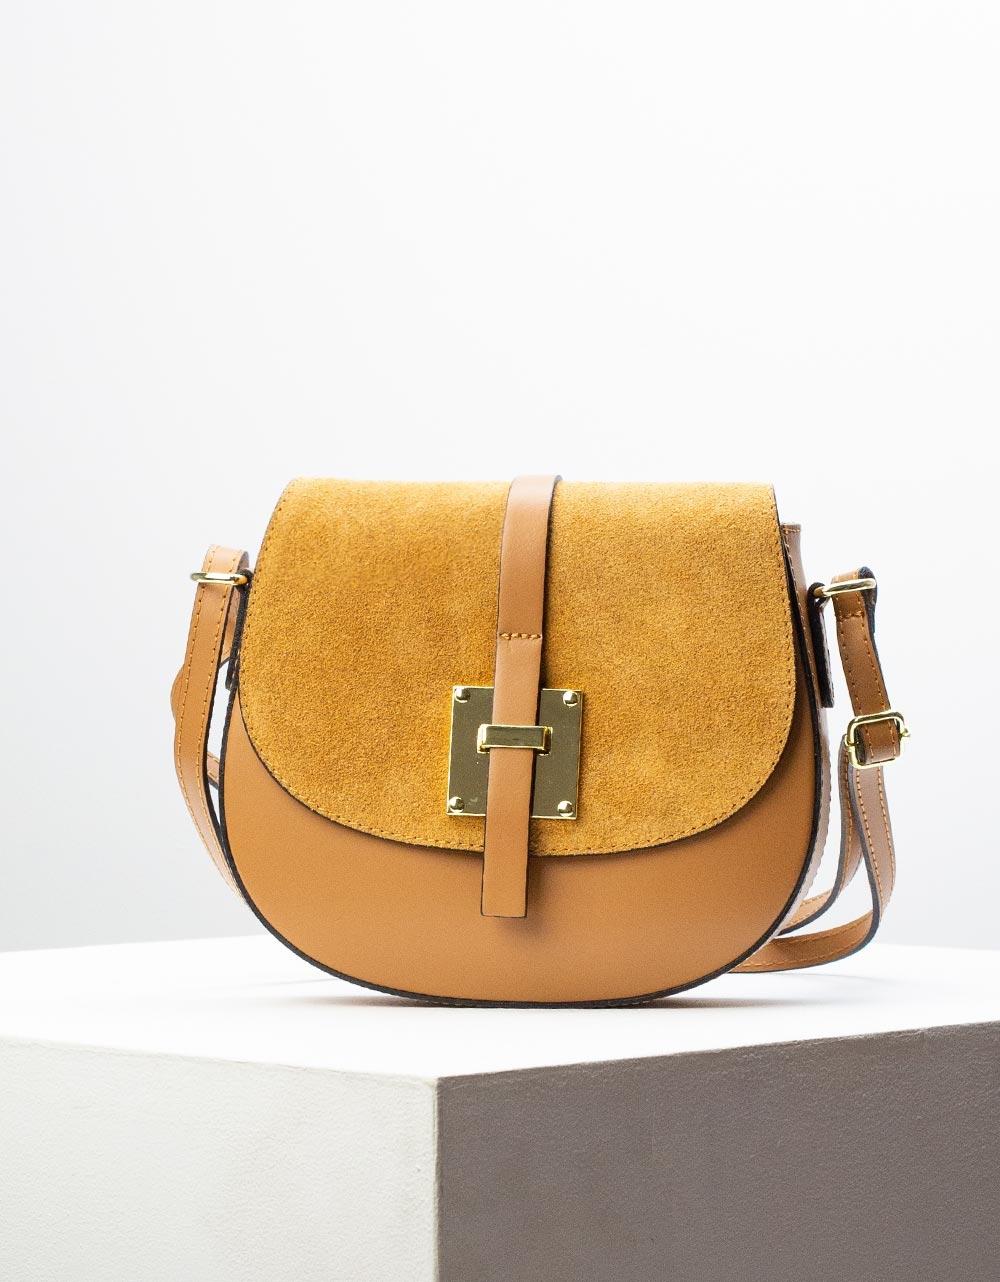 Εικόνα από Γυναικεία τσάντα ώμου & χιαστί από γνήσιο δέρμα σε συνδιασμούς υλικών Κάμελ